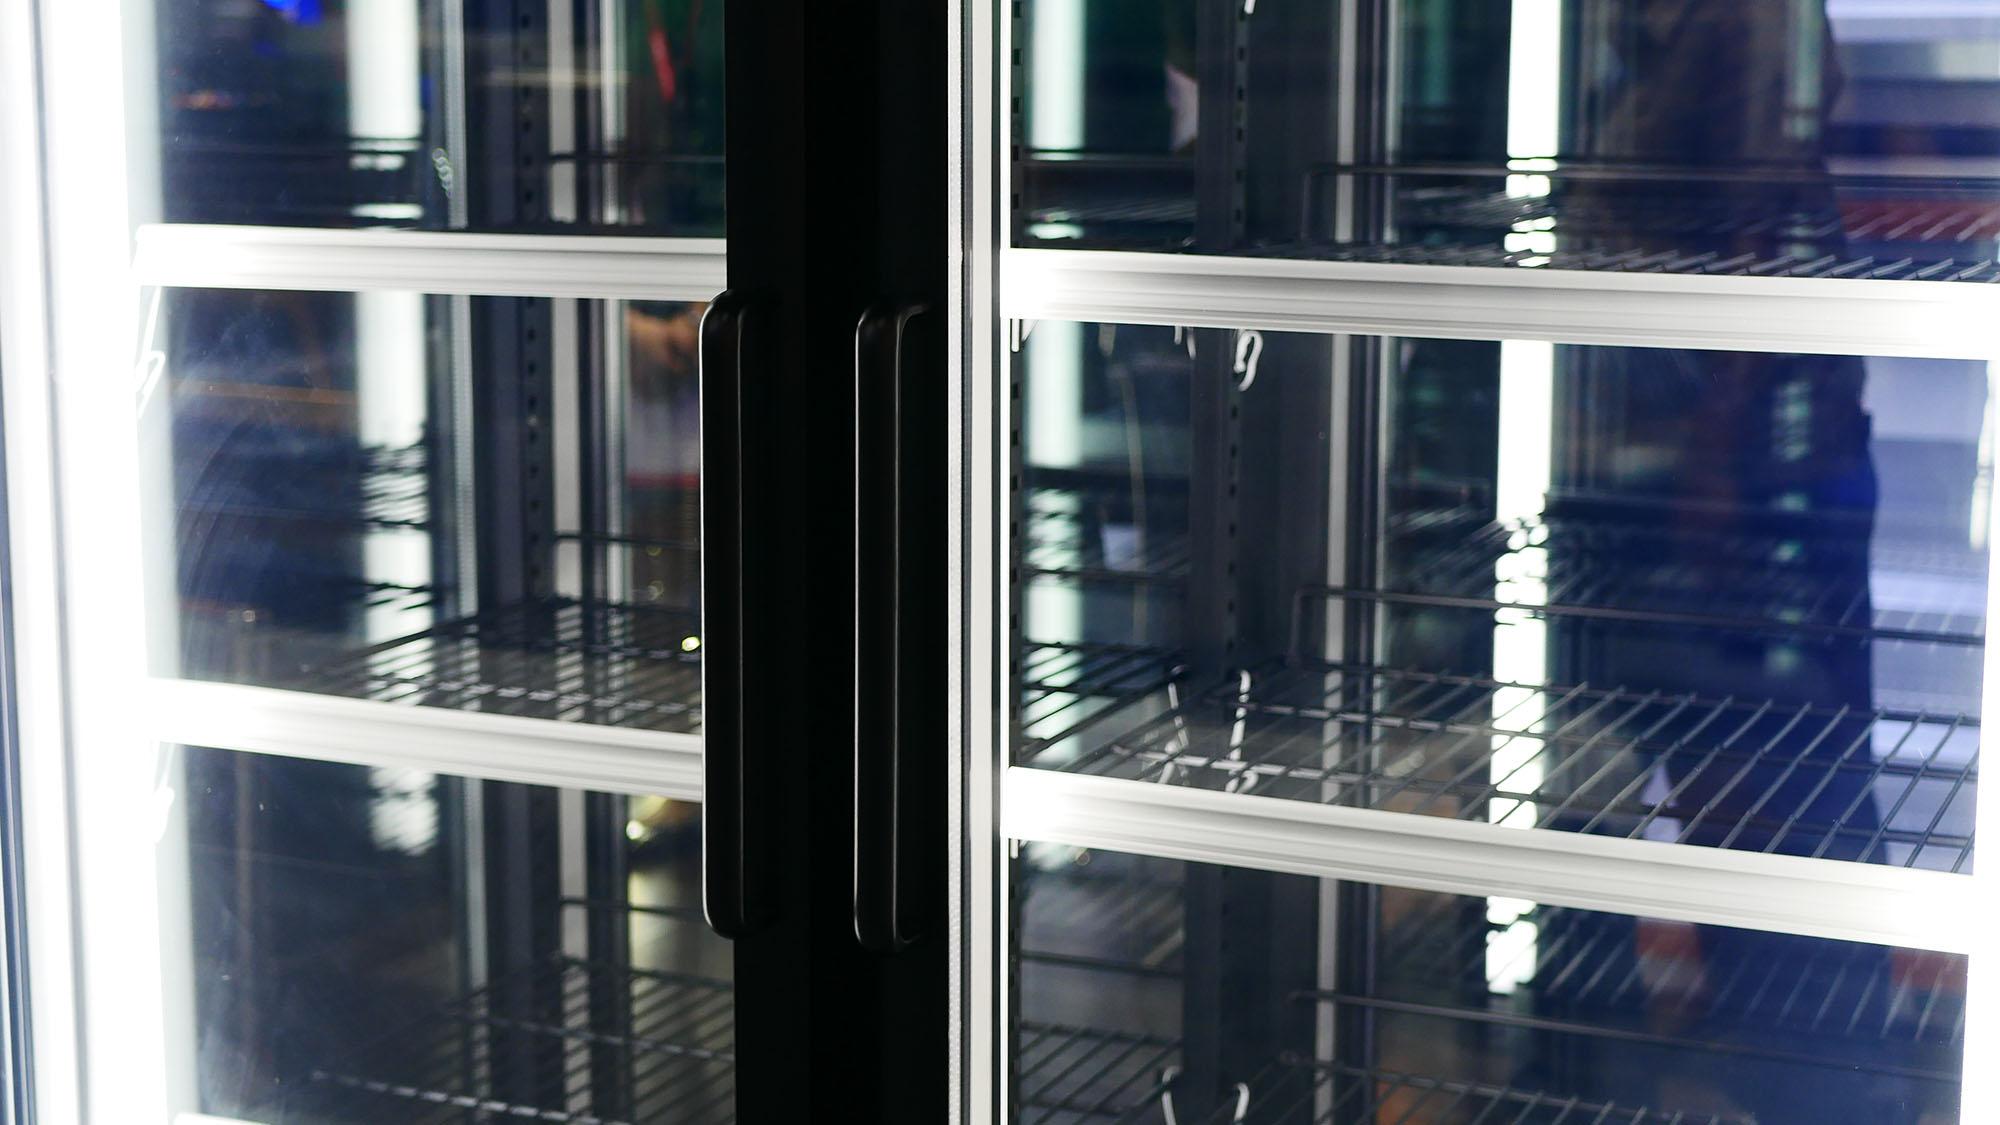 Industrial fridge breakdown